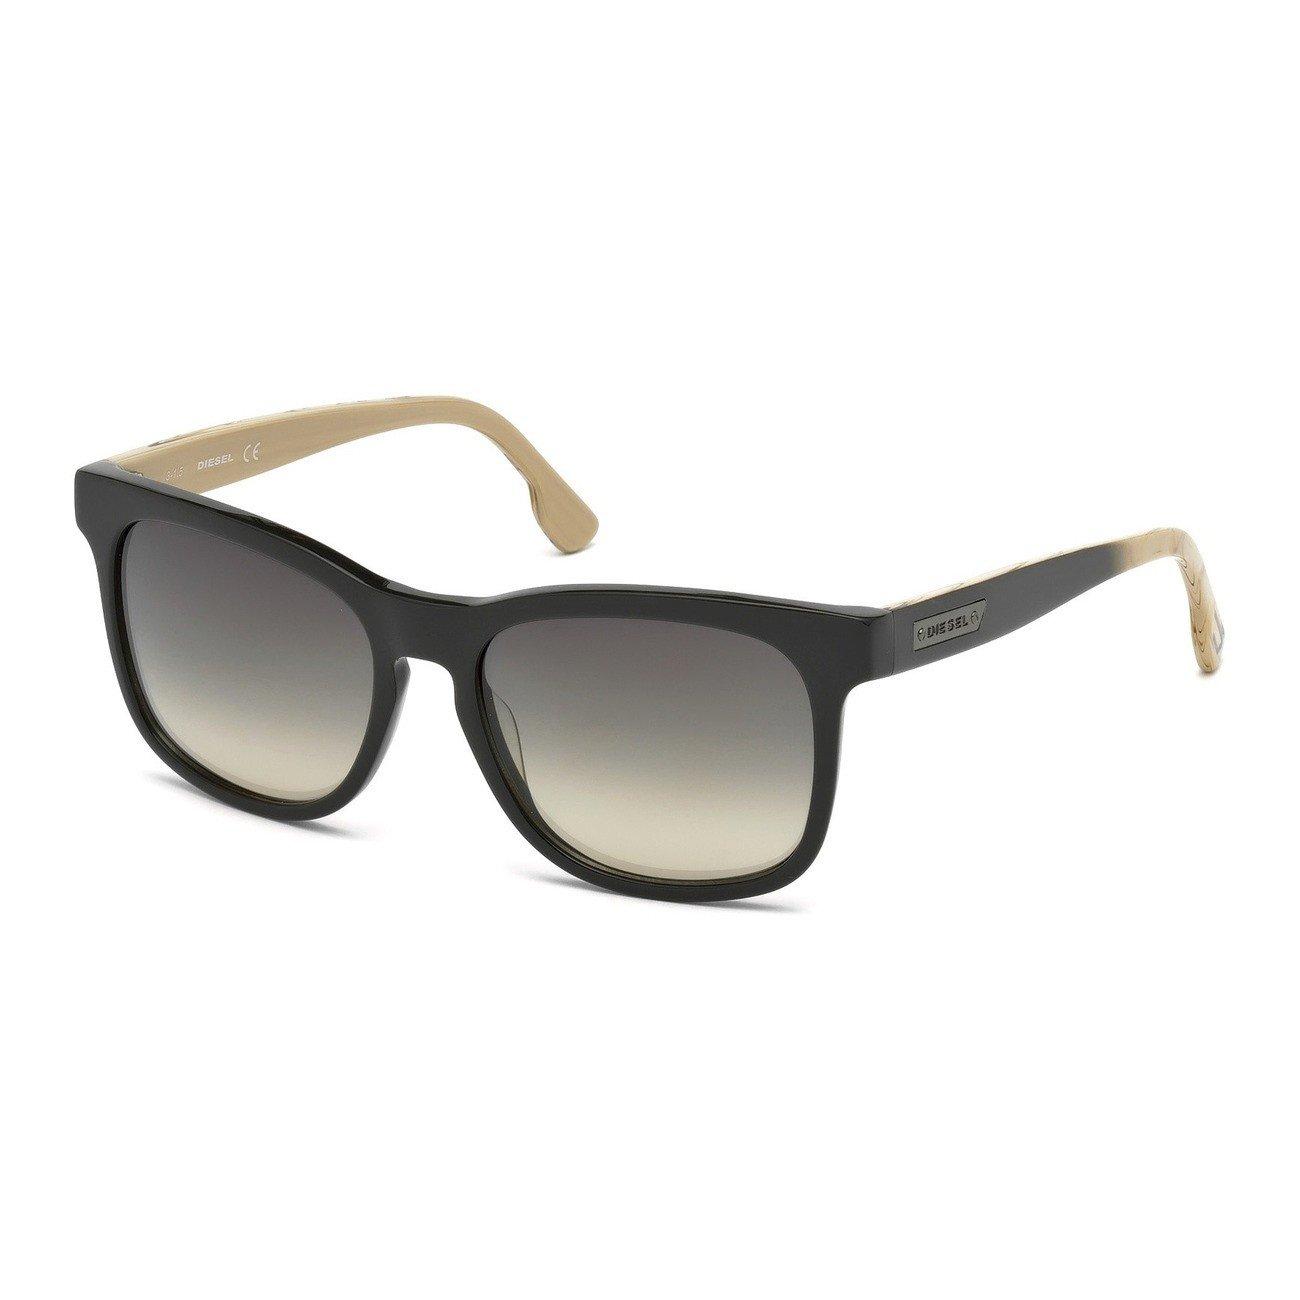 e84a3e007a Diesel DL0151-F 56 97F Unisex Sunglasses  Amazon.co.uk  Shoes   Bags